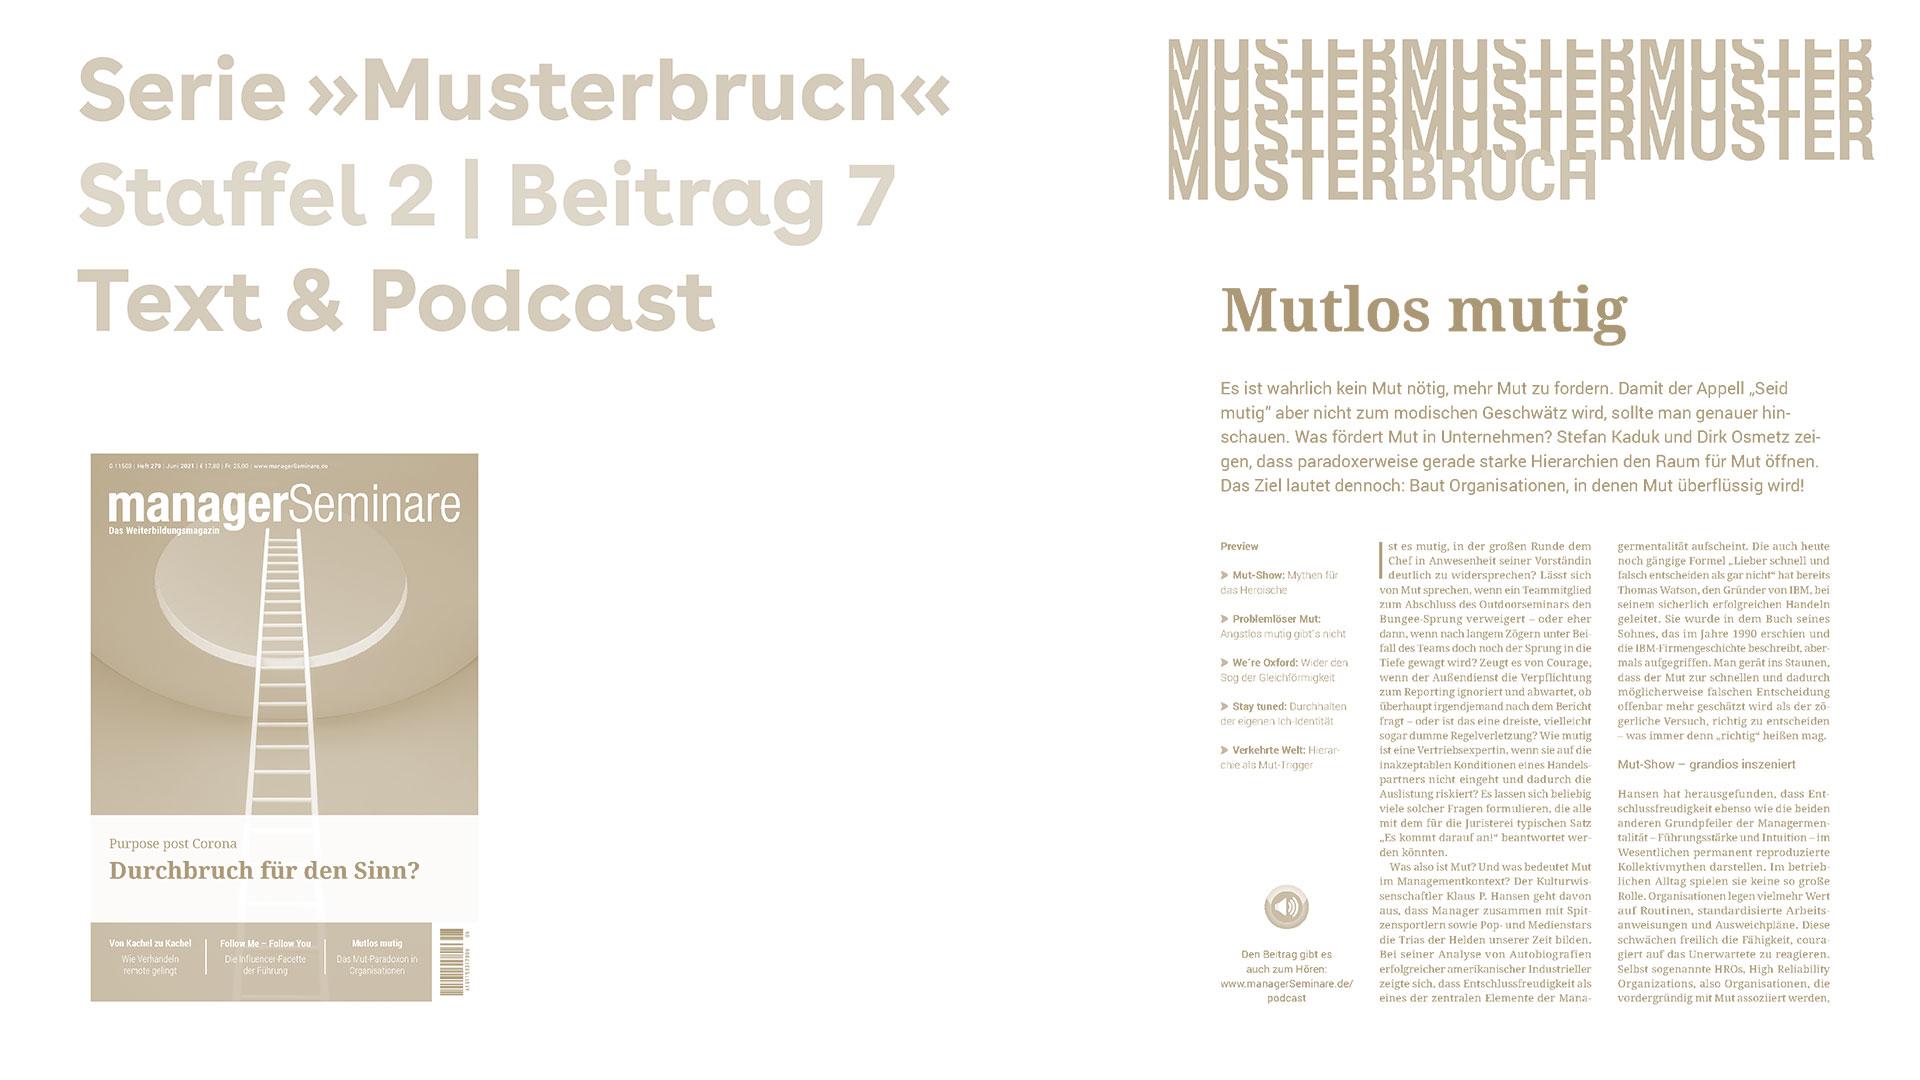 Musterbrecher_Start_Header_mS_Mutlos_Mutig